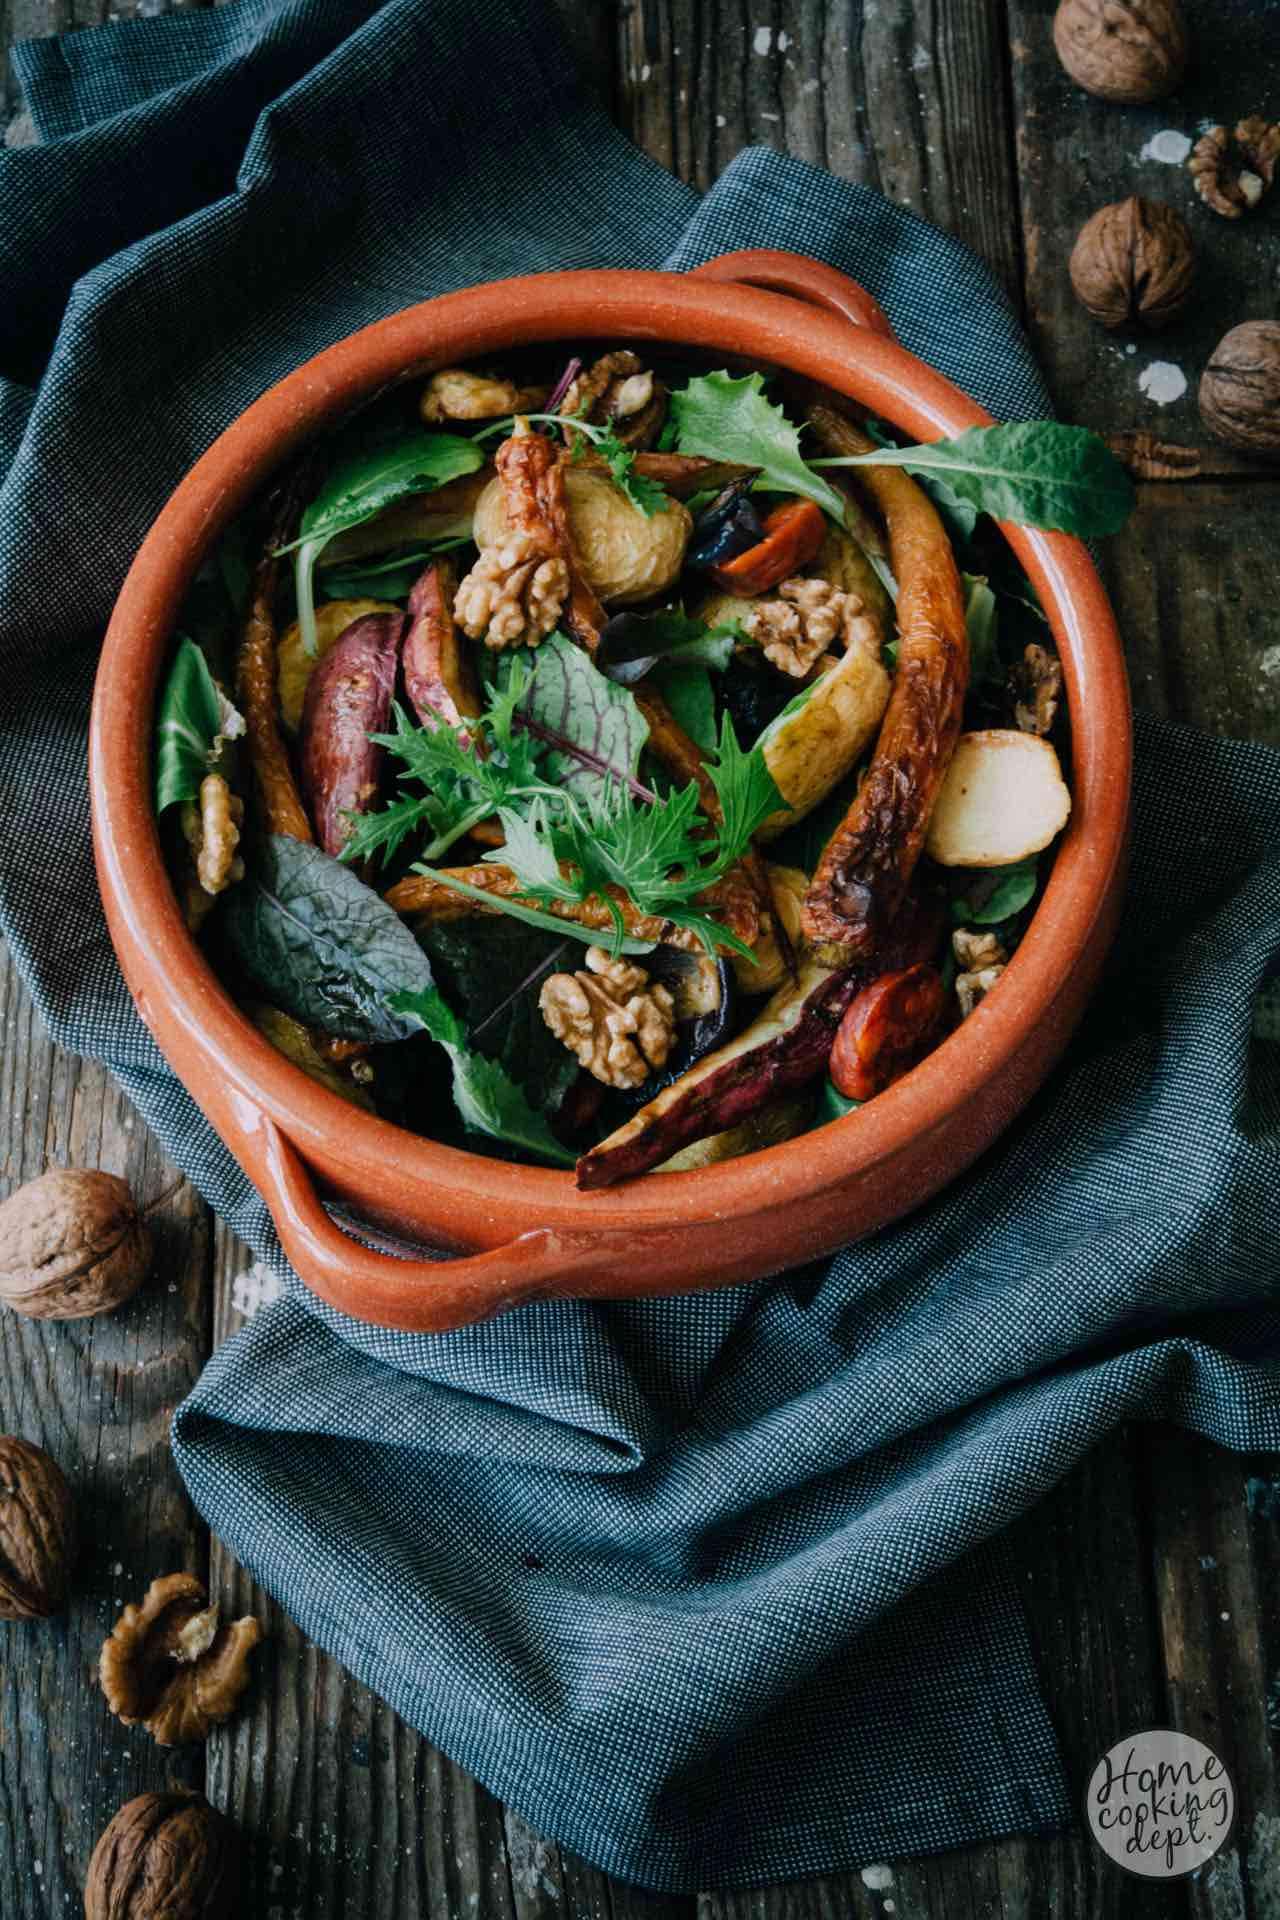 Herfst salade met geroosterde zoete aardappel in de hoofdrol